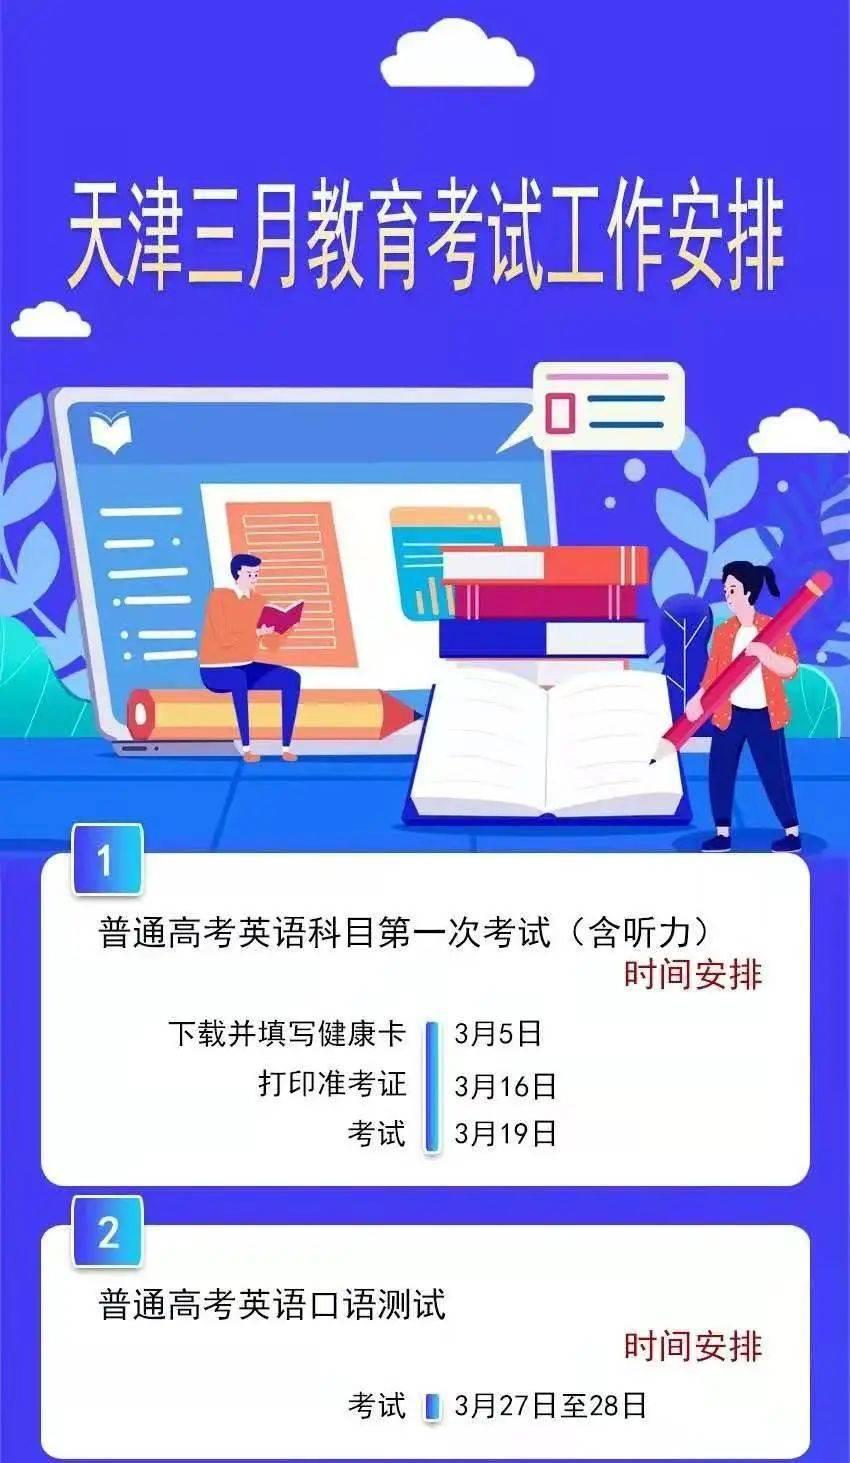 天津高考生福利丨两本备考宝典助力第一次英语高考